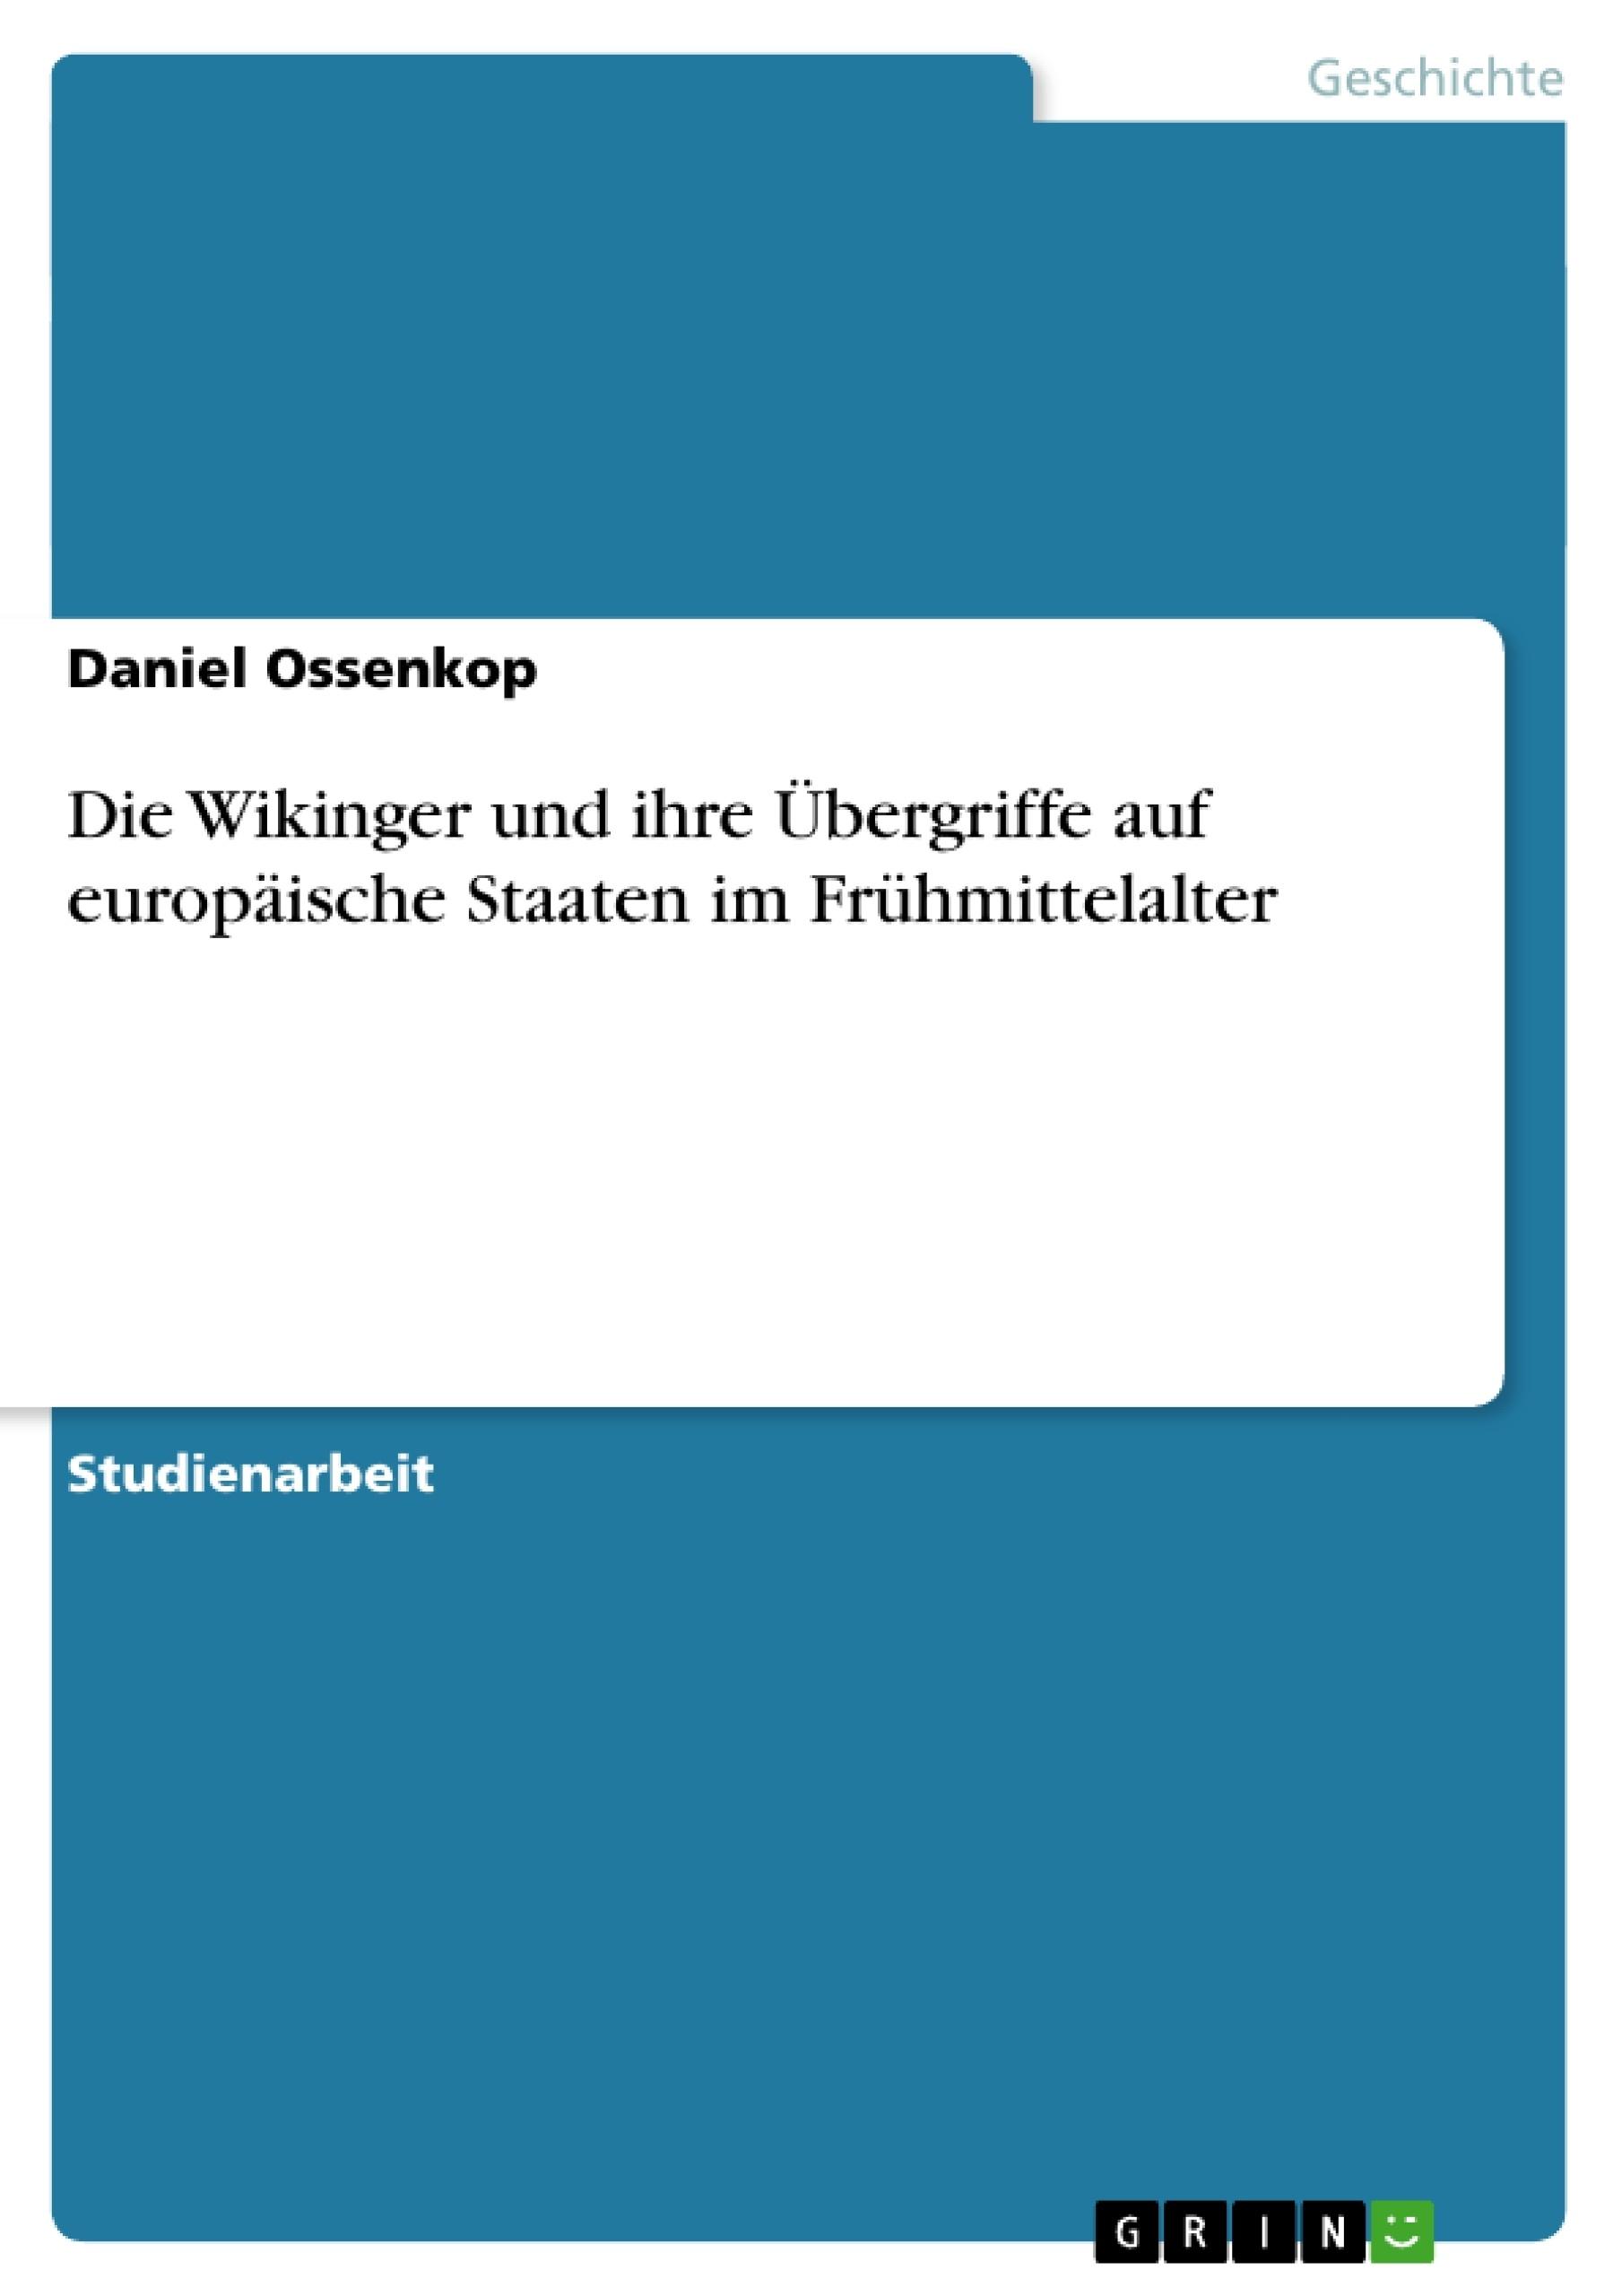 Titel: Die Wikinger und ihre Übergriffe auf europäische Staaten im Frühmittelalter